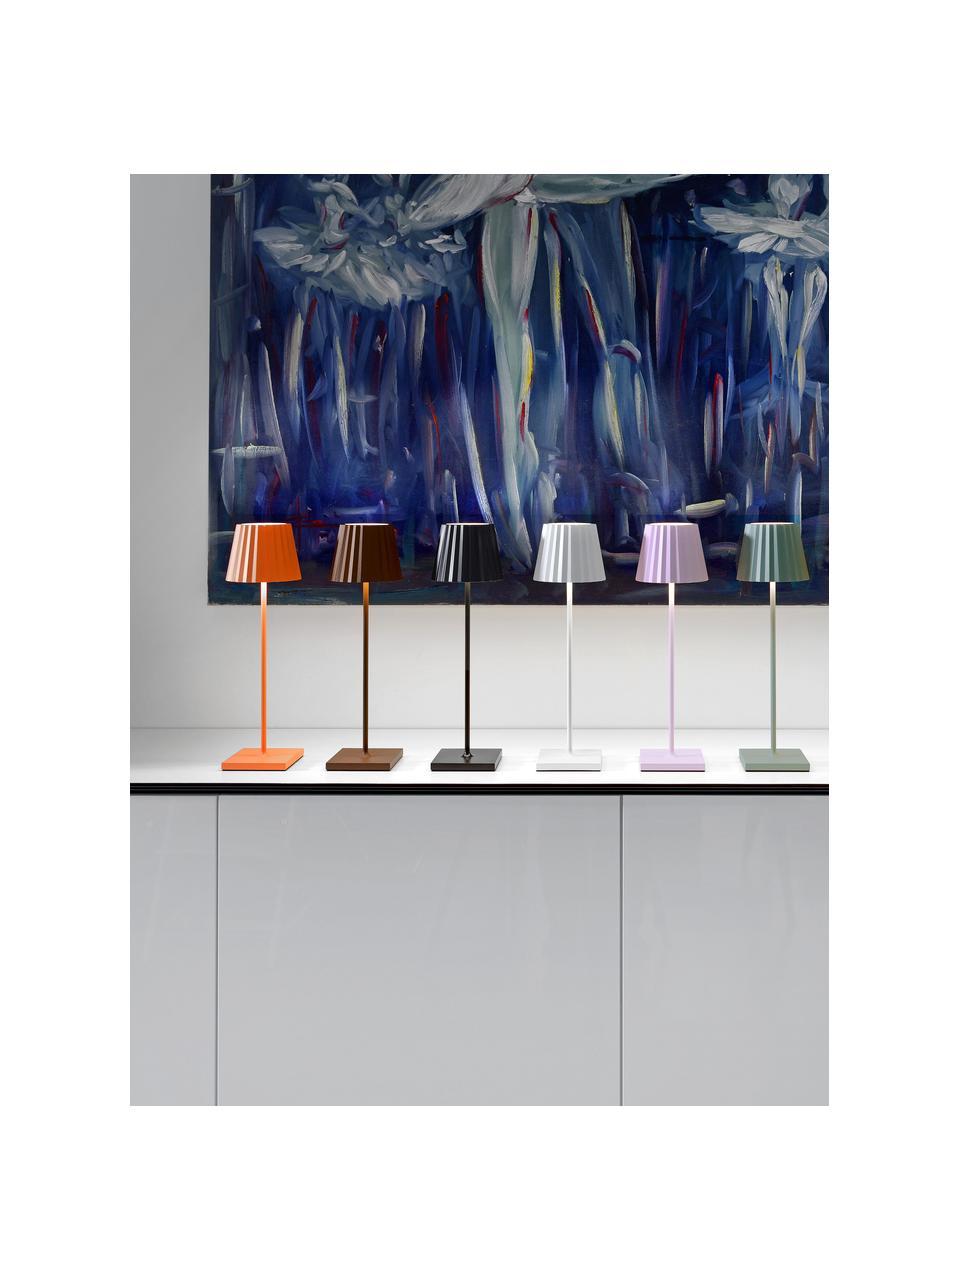 Zewnętrzna mobilna lampa stołowa z funkcją przyciemniania Trellia, Pomarańczowy, Ø 15 x W 38 cm